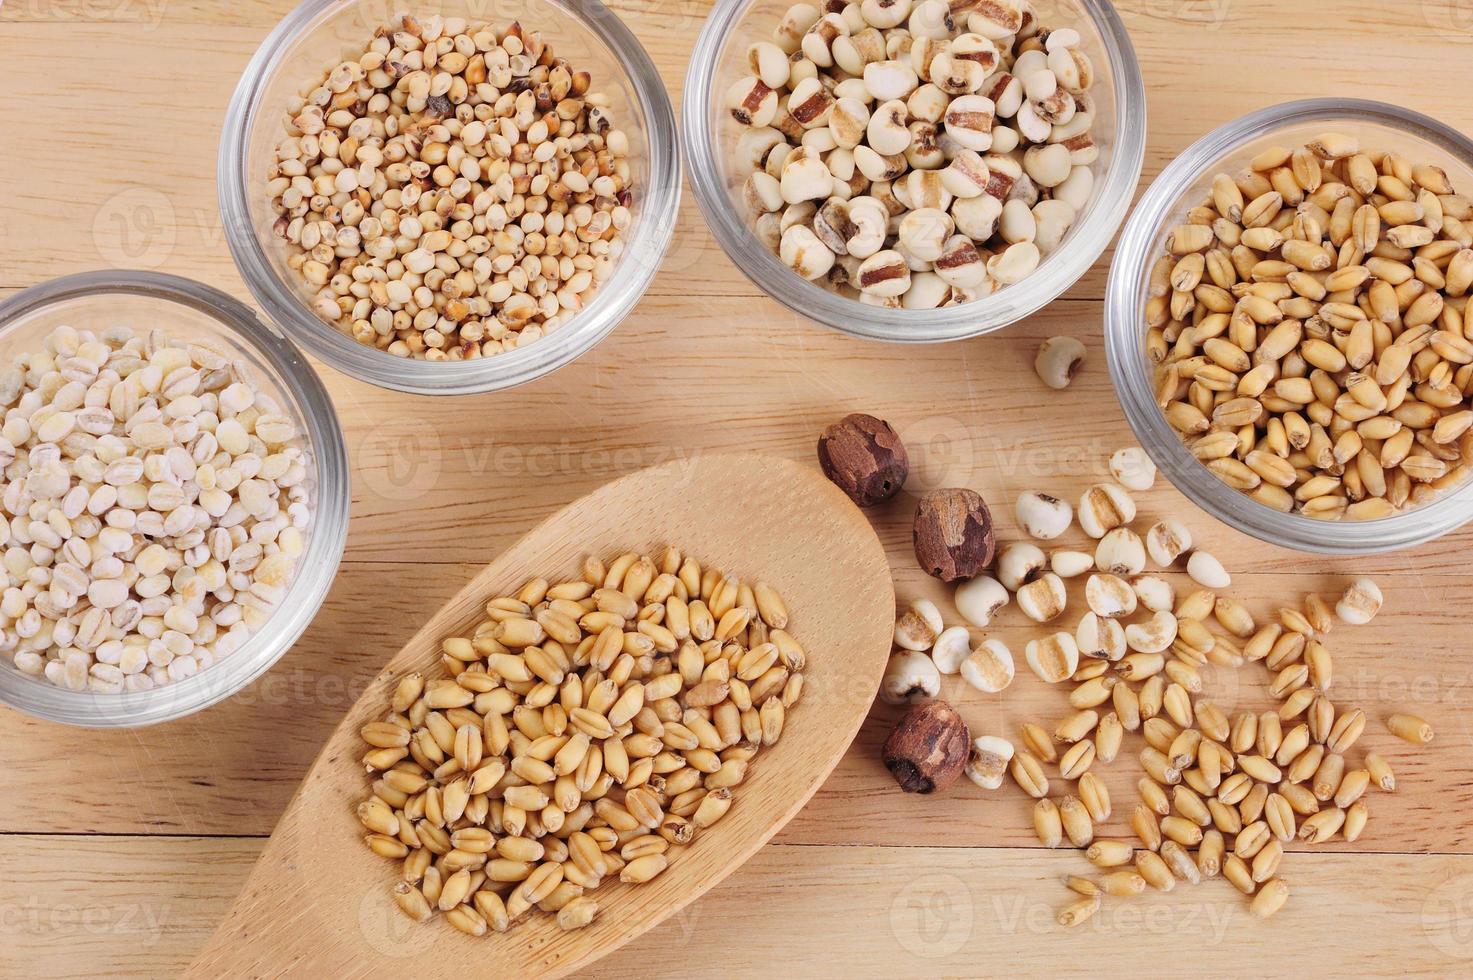 Getreide und Getreide foto